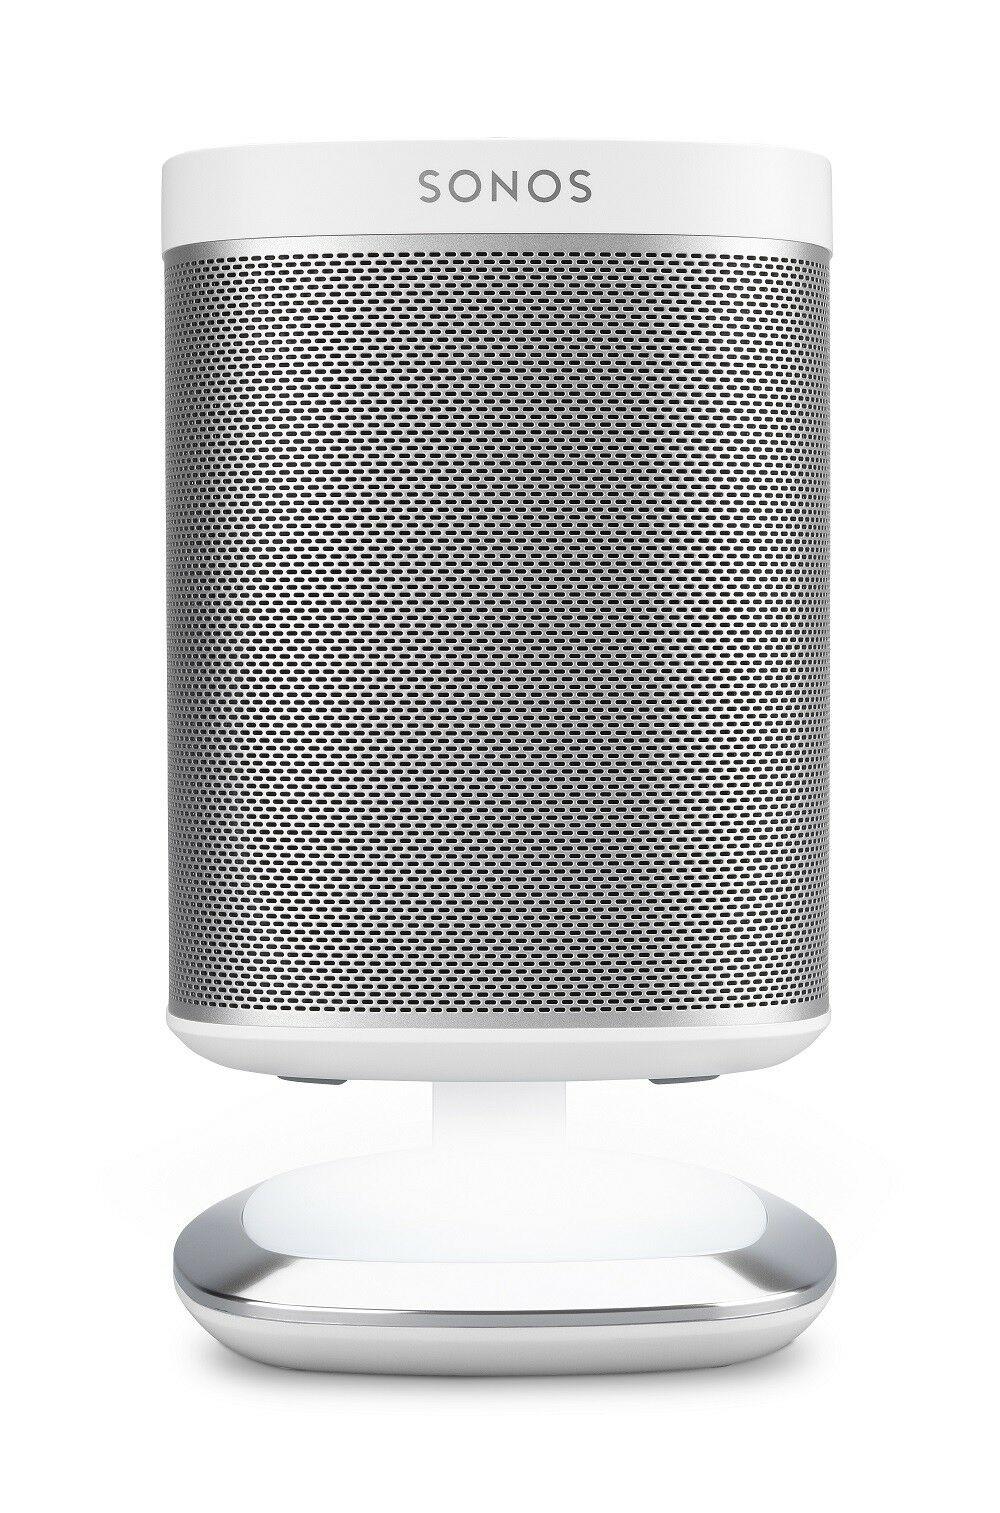 Flexson leuchtender DeskStand für Sonos Play:1 Weiß dimmbar Touch mit 2 USB Anschlüssen